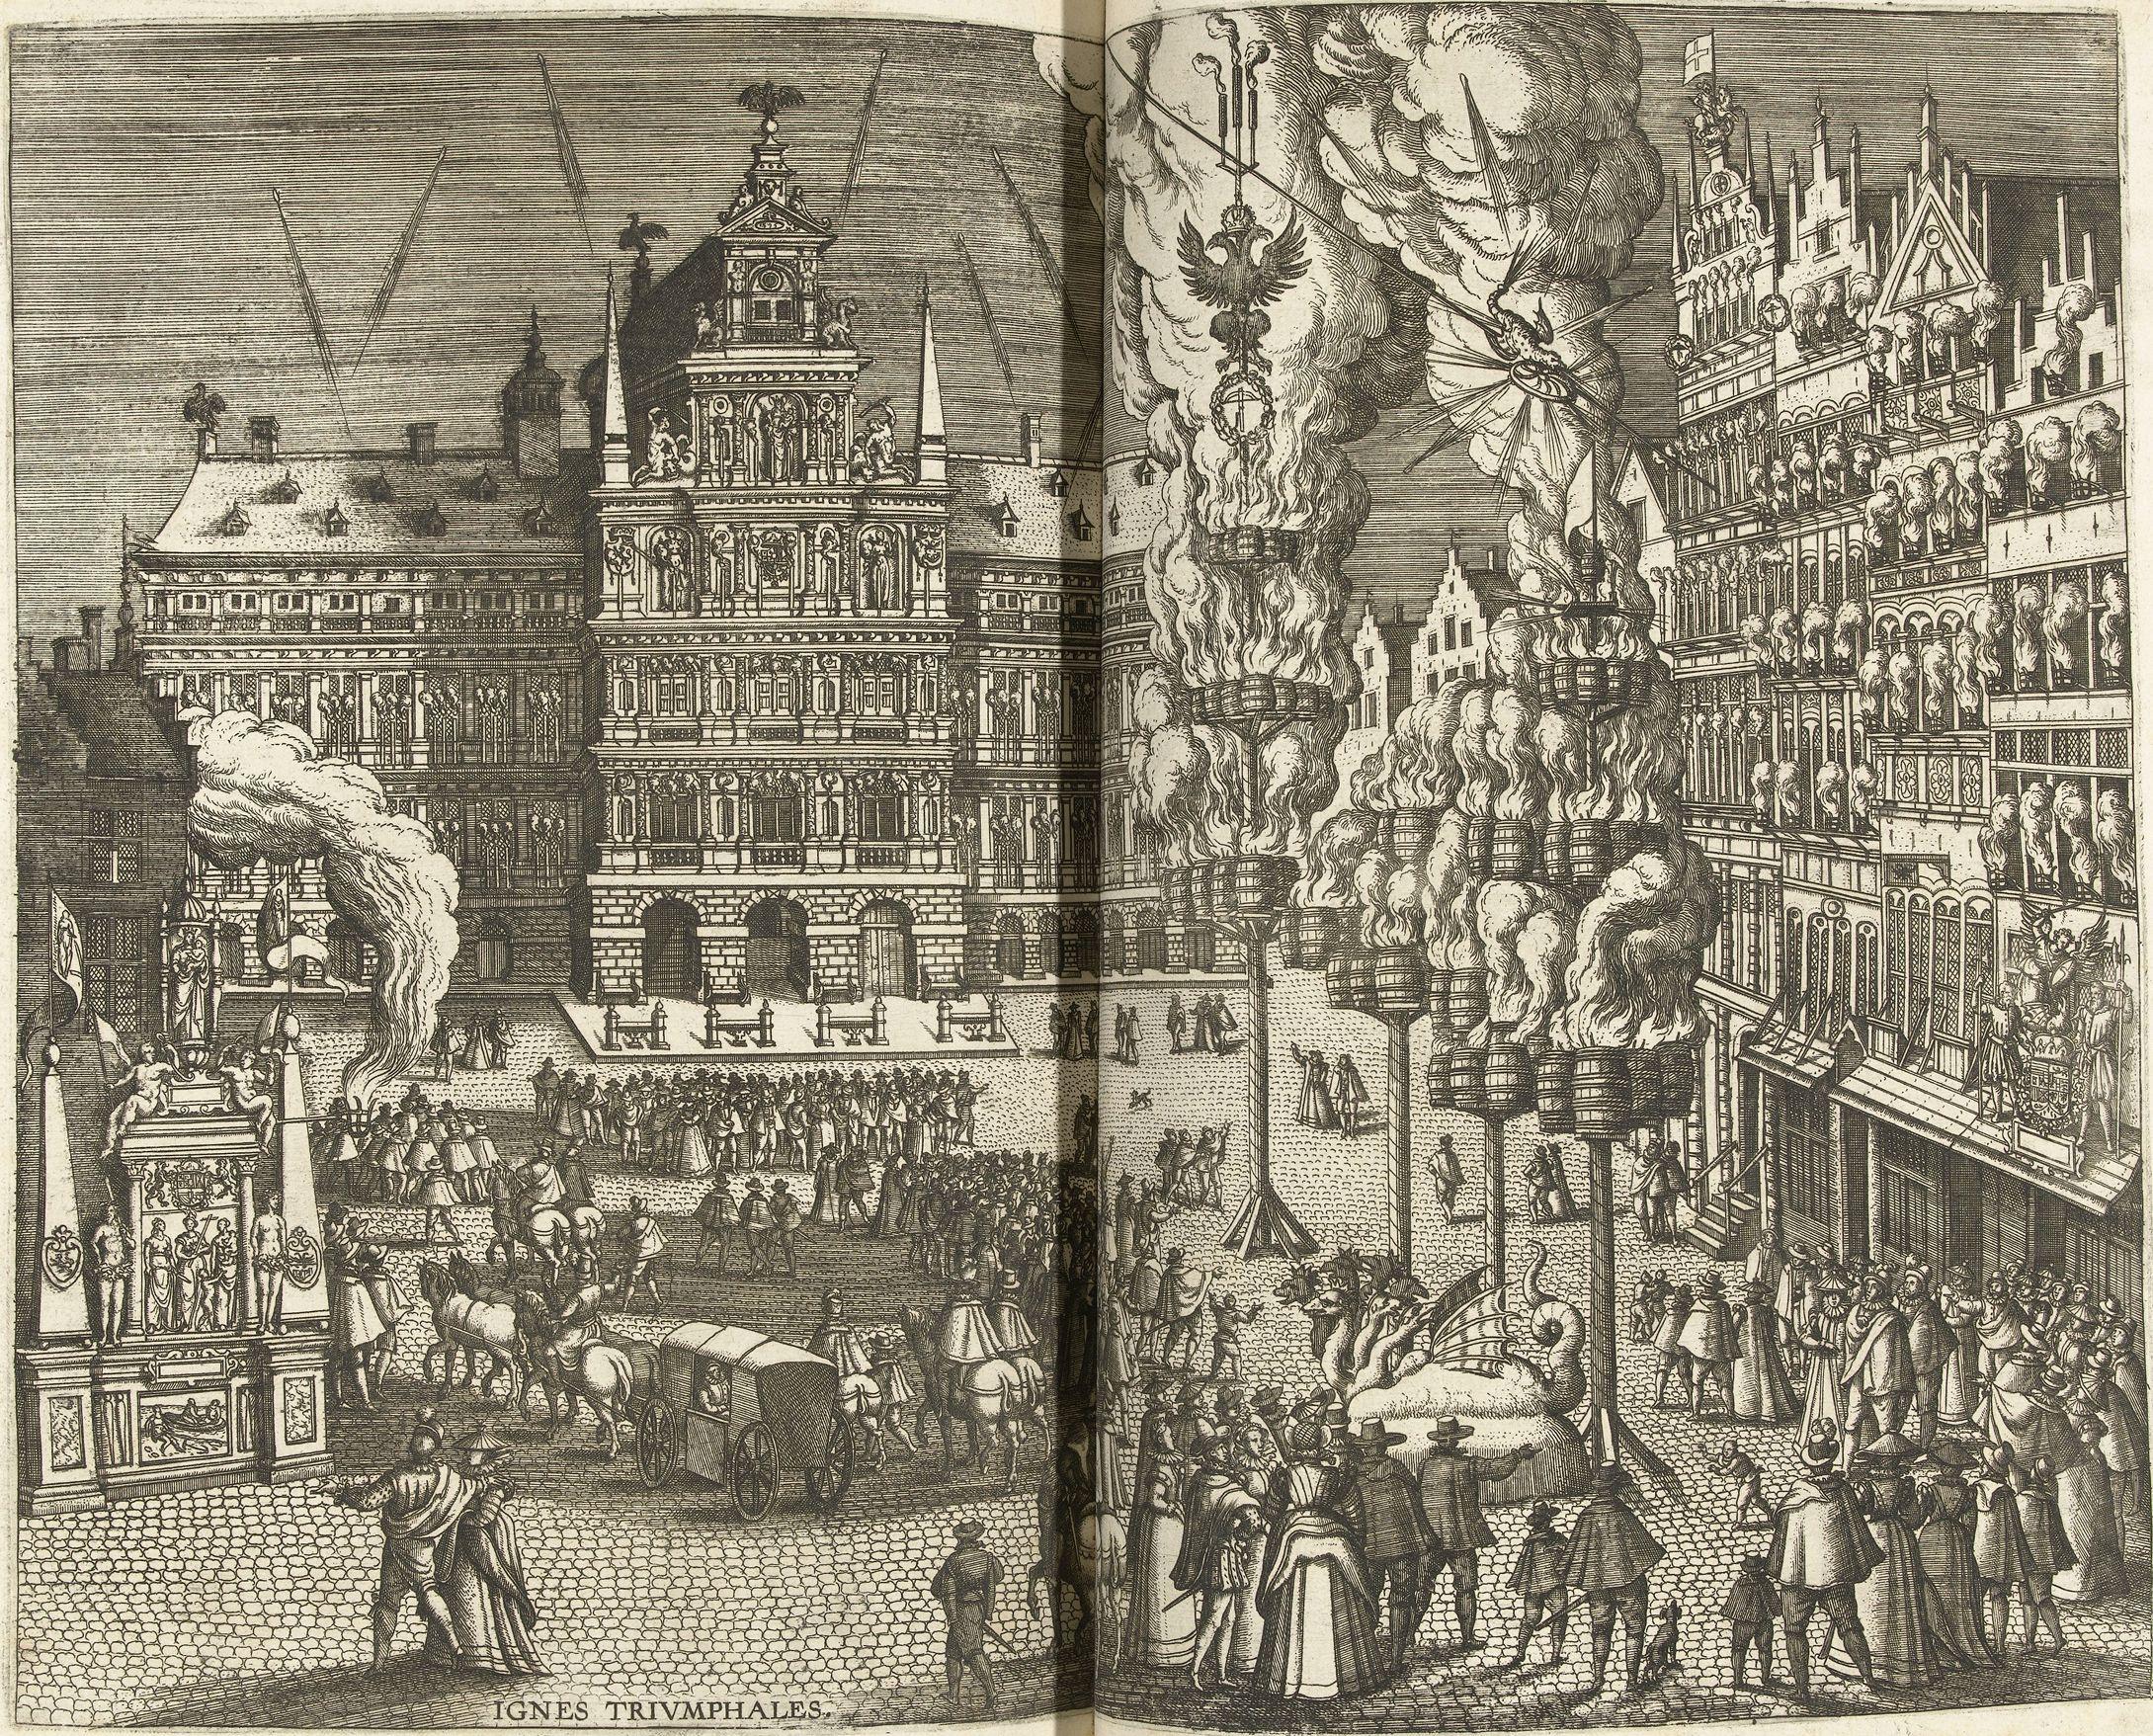 Abb. 3: Pieter van der Borcht (I): Feuerwerk auf dem Großen Markt in Antwerpen zu Ehren von Ernst von Österreich, 1595, Radierung, 32.8 x 44.5 cm, Amsterdam, Rijksmuseum,